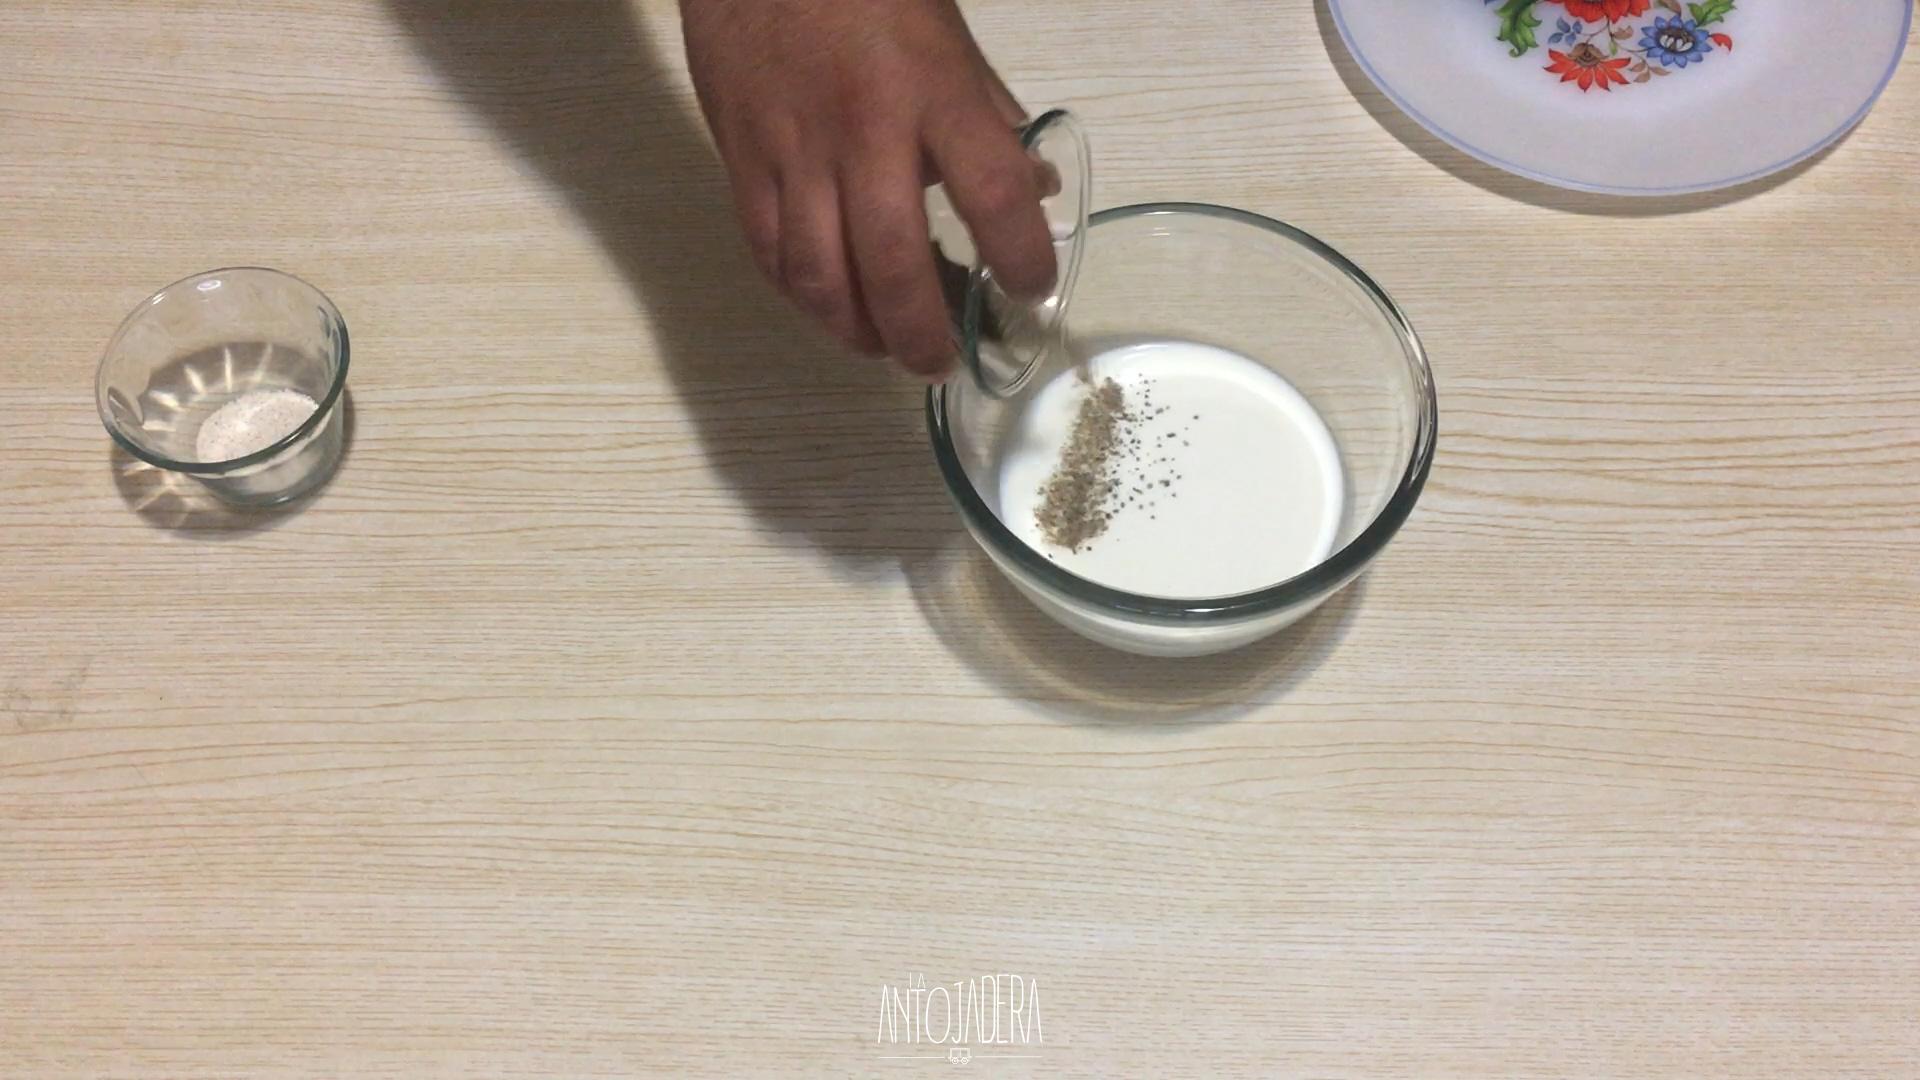 La Antojadera | Milanesa de Pollo